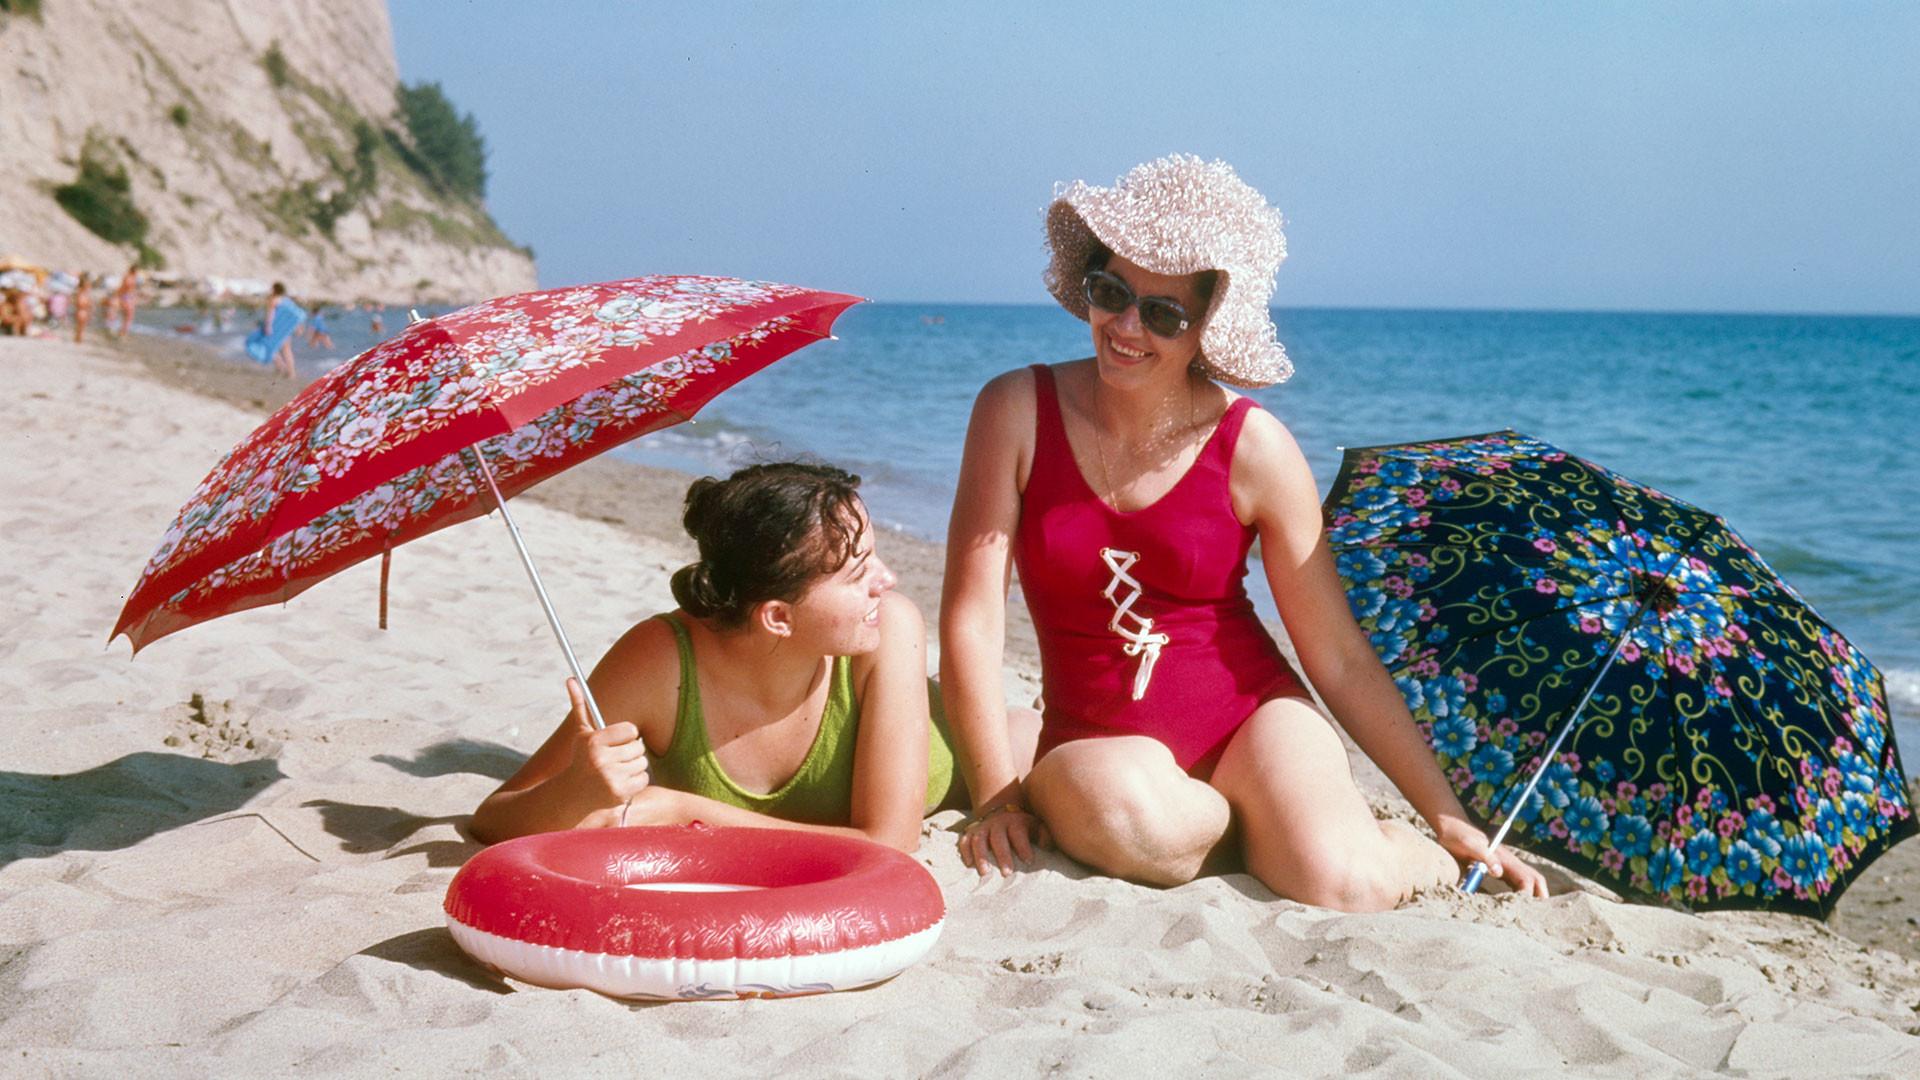 Украинска ССР. Ливадија. Другарице на плажи, 1975.